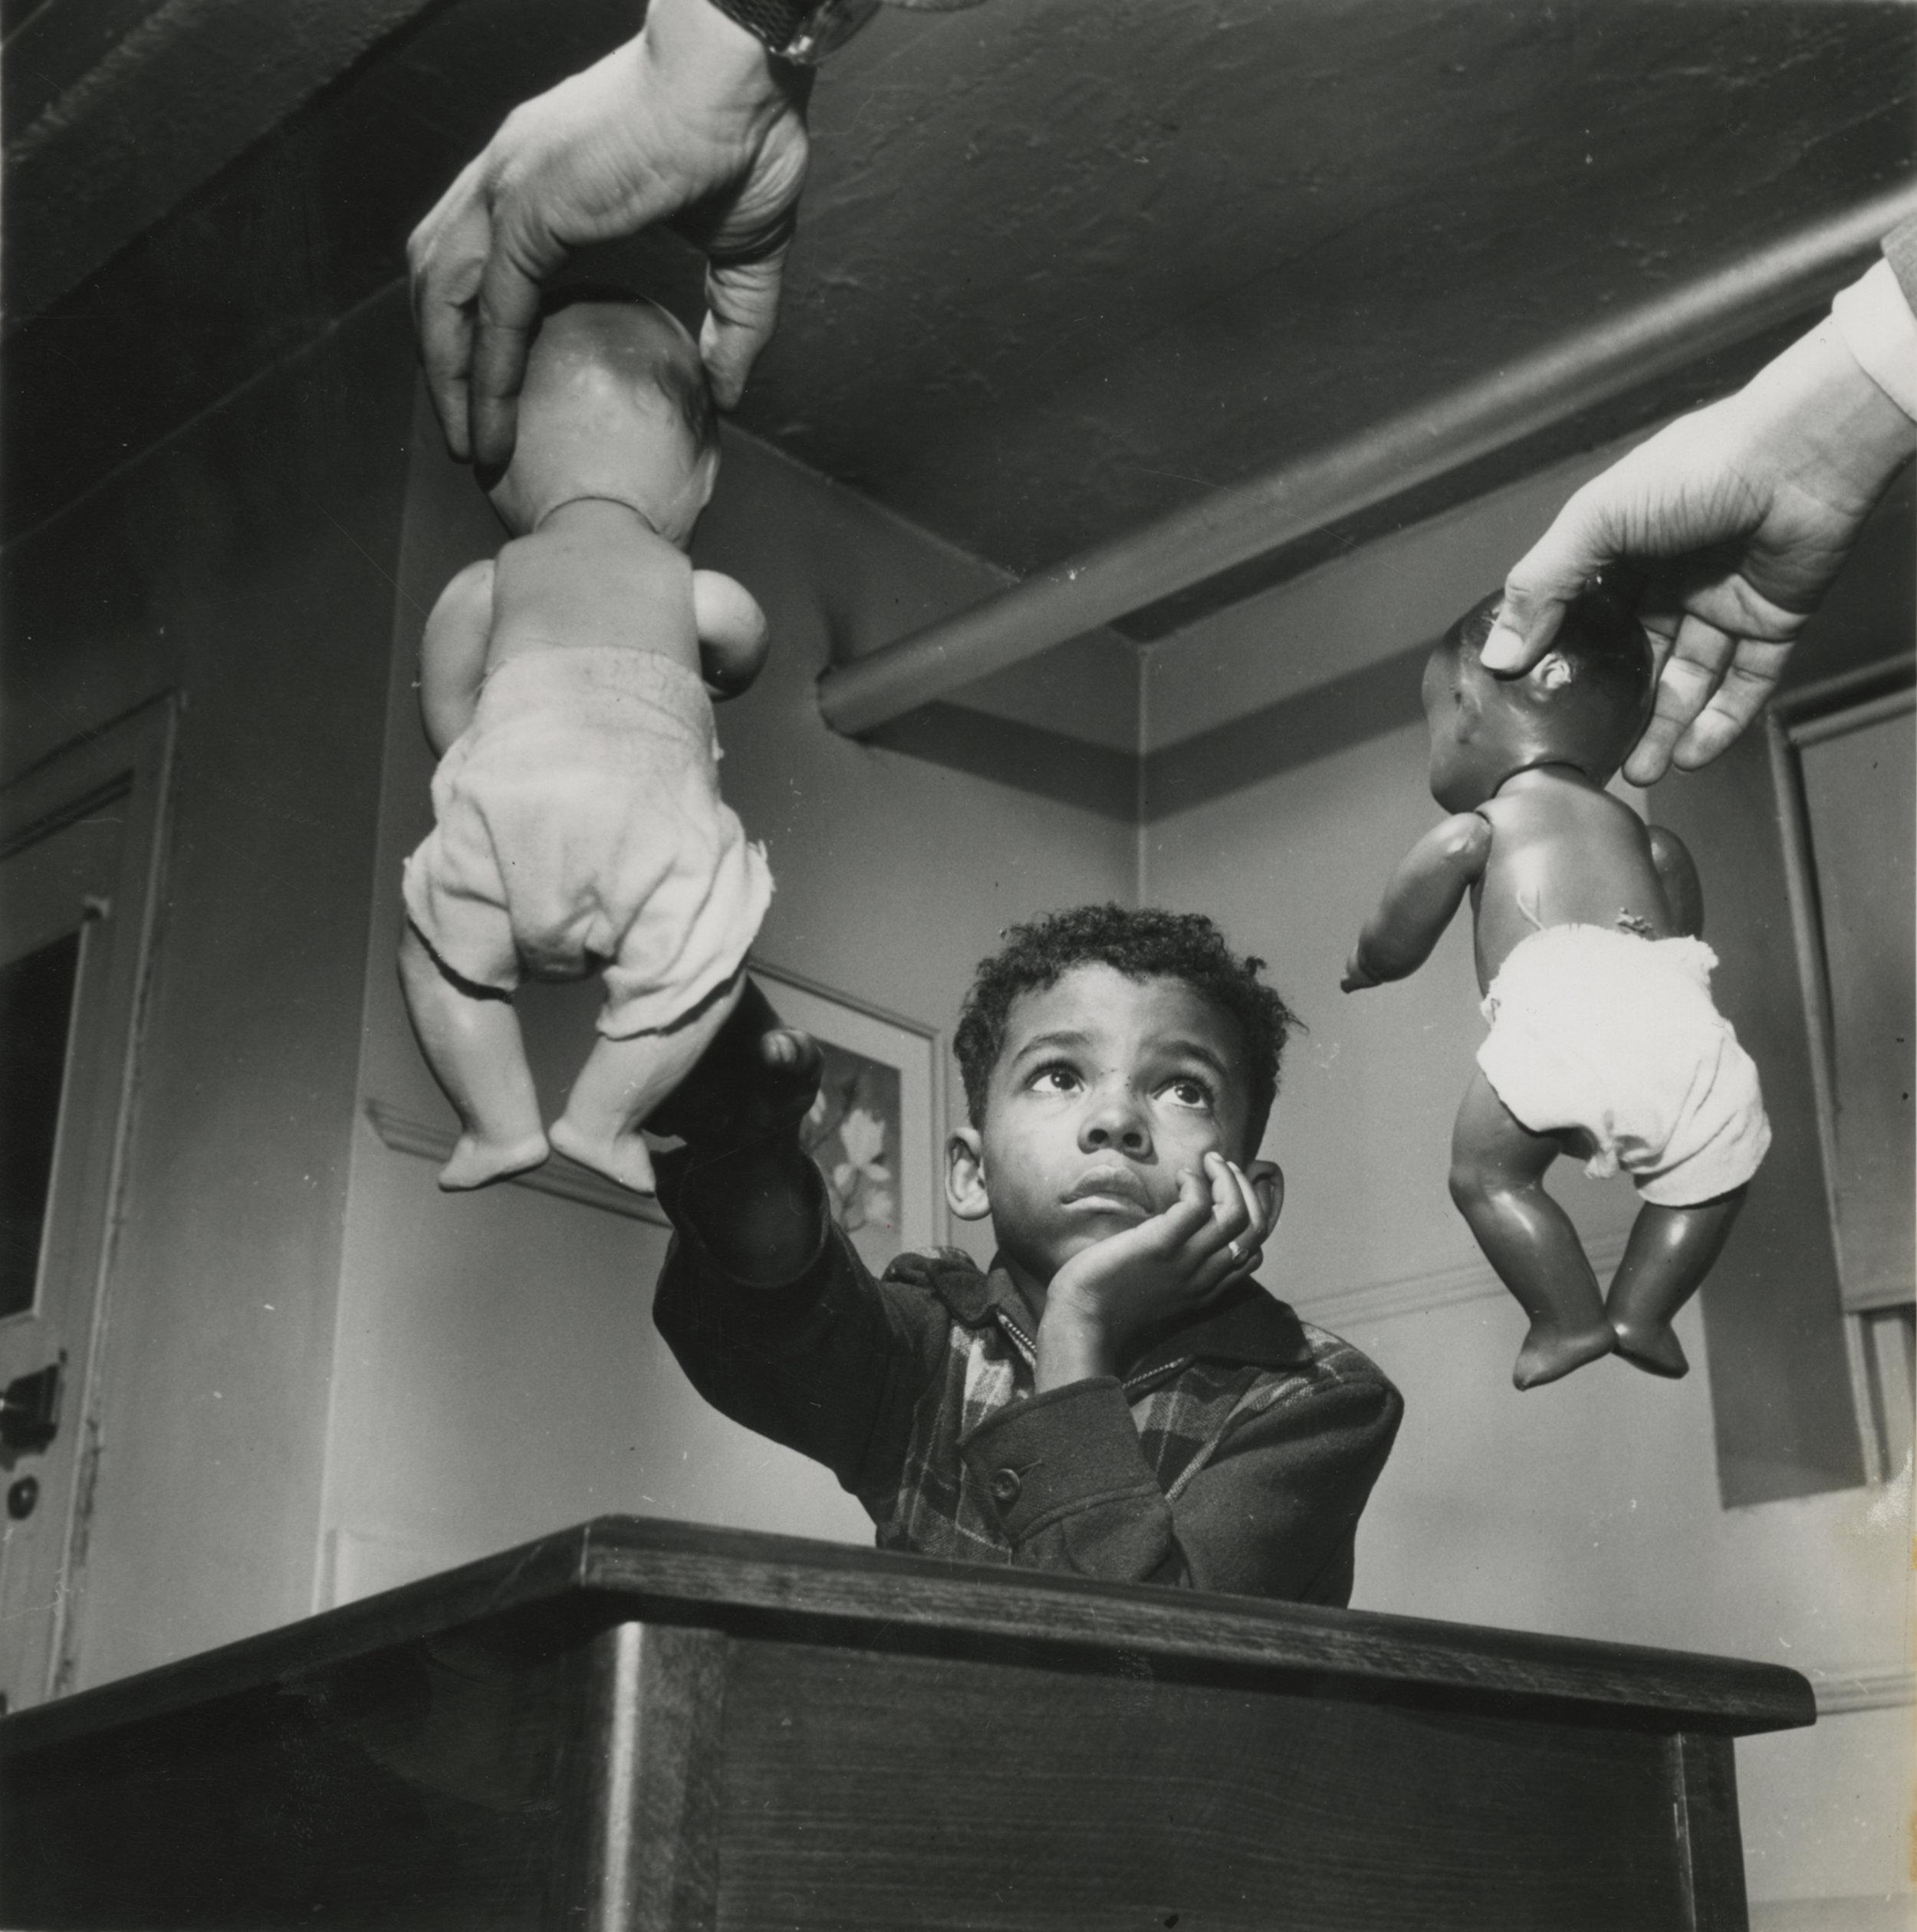 Untitled, Harlem. 1947 © Gordon Parks